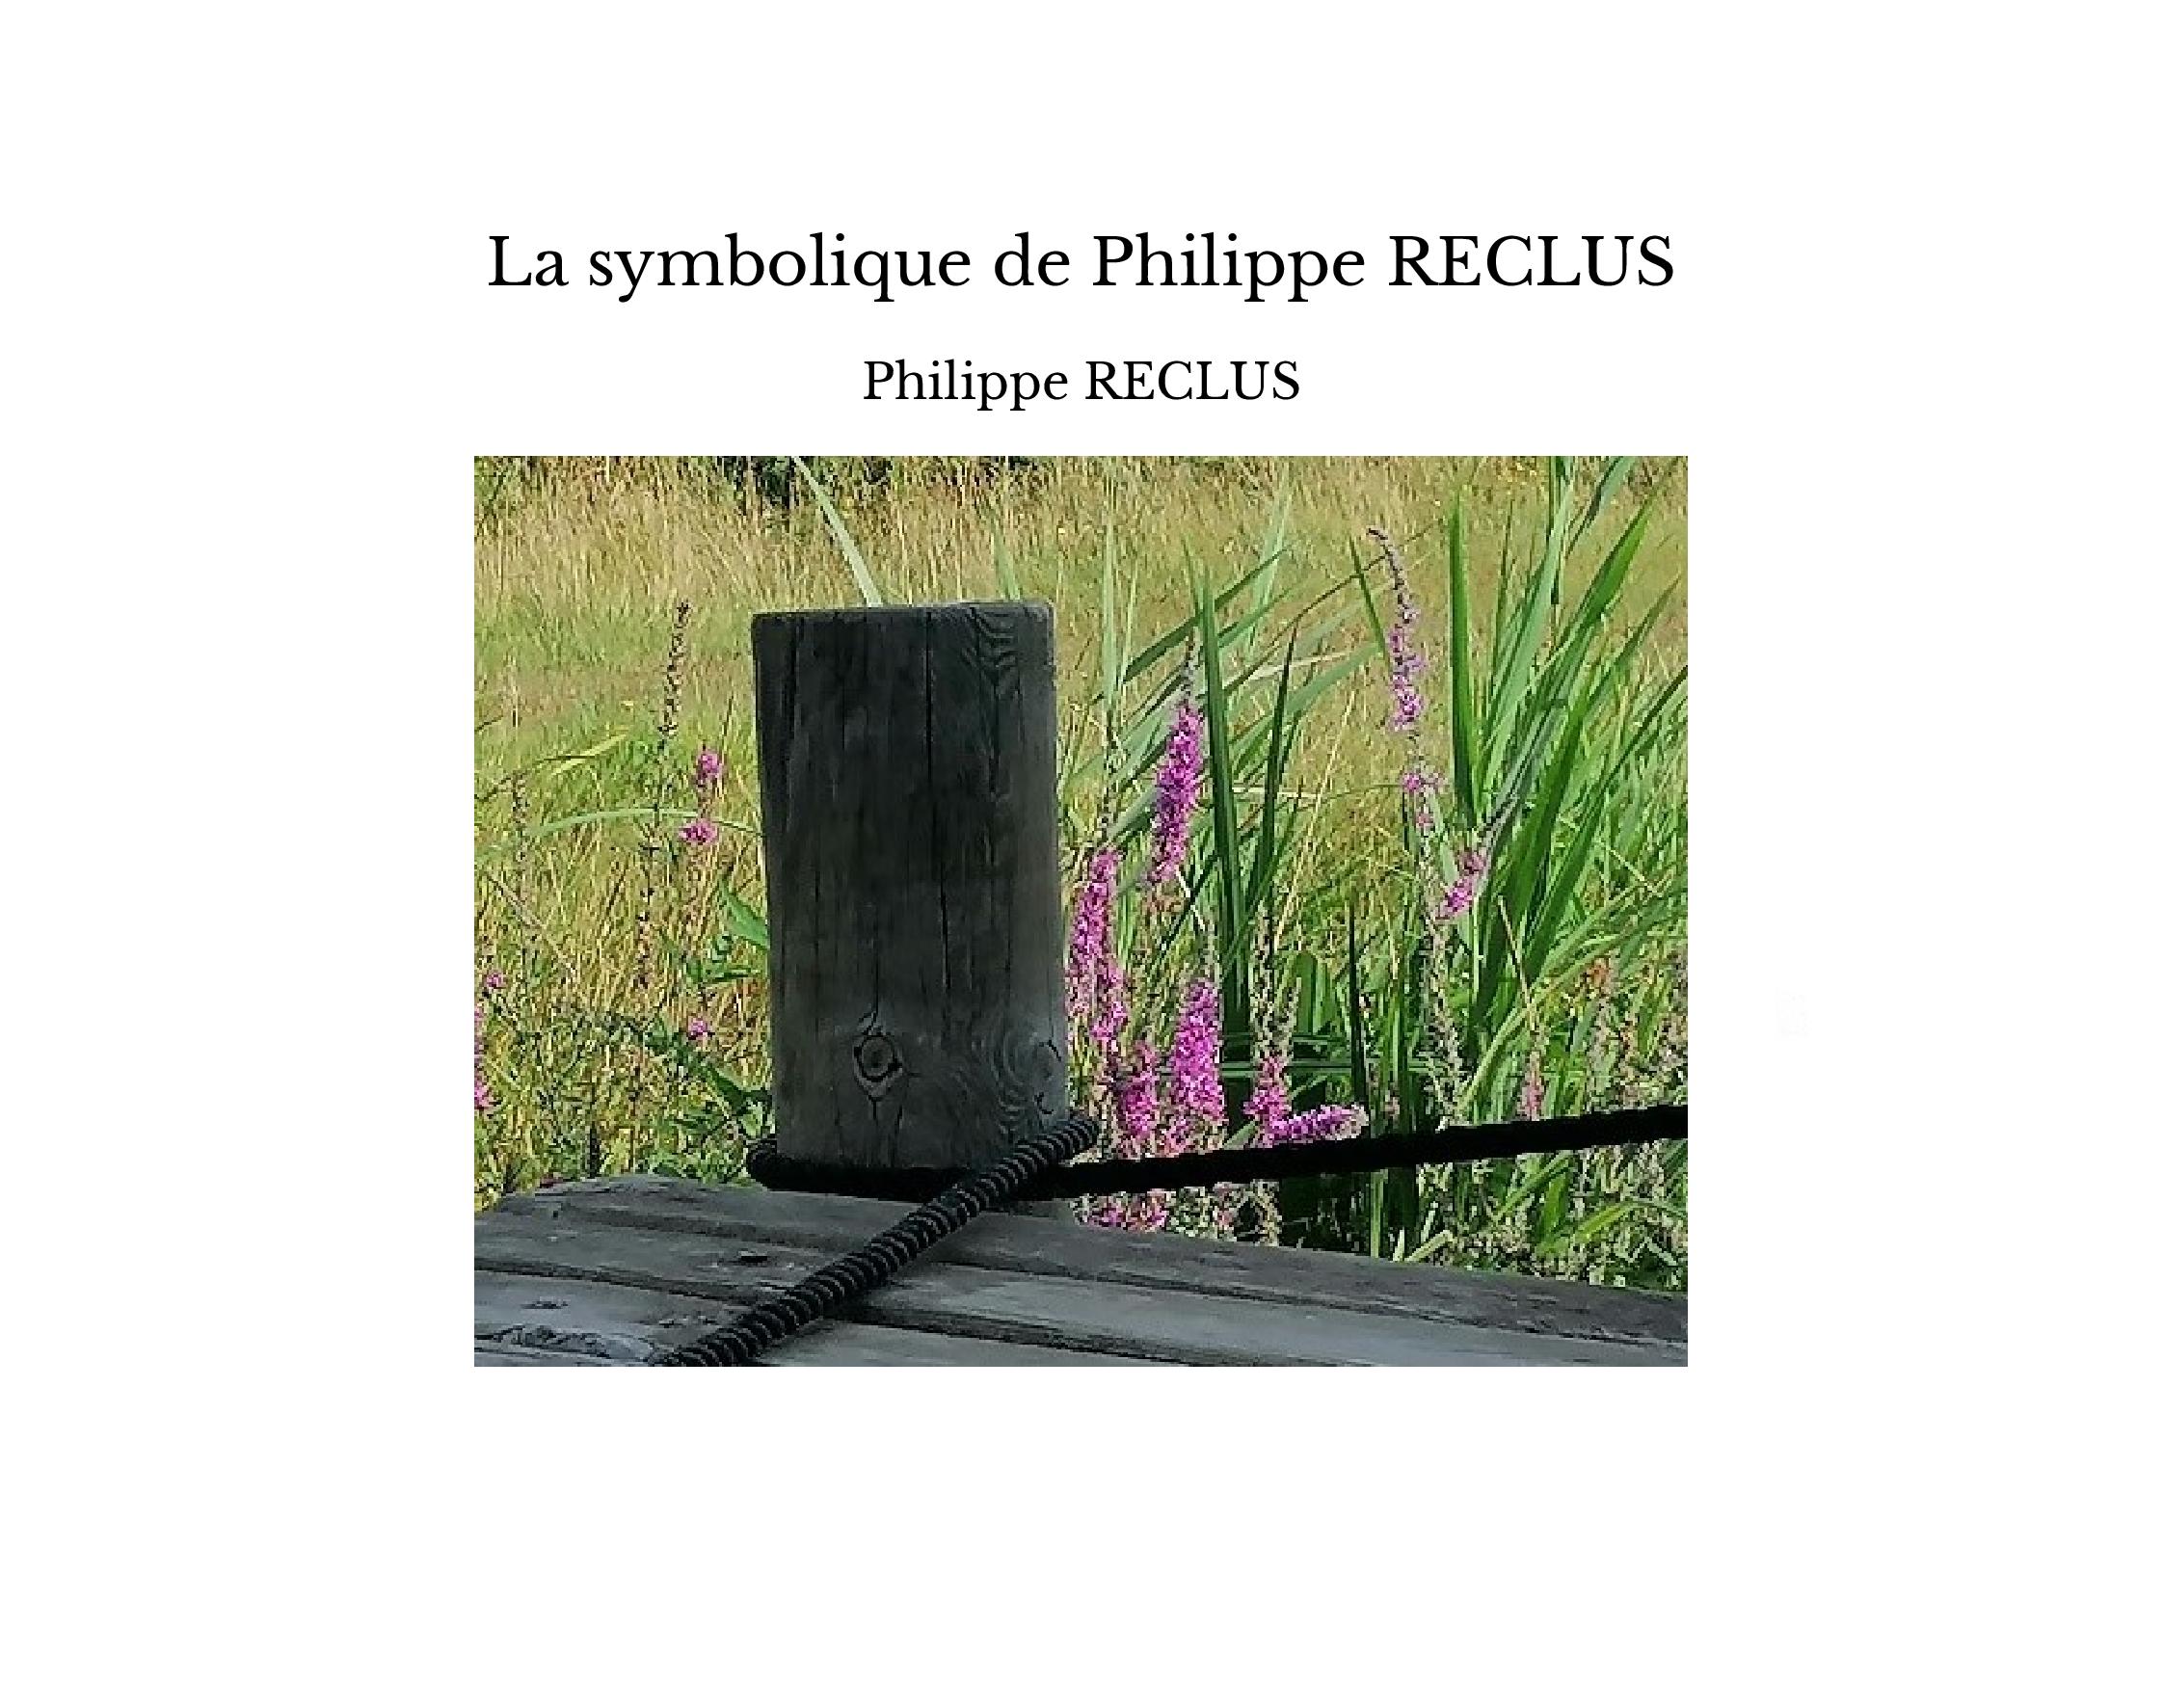 La symbolique de Philippe RECLUS